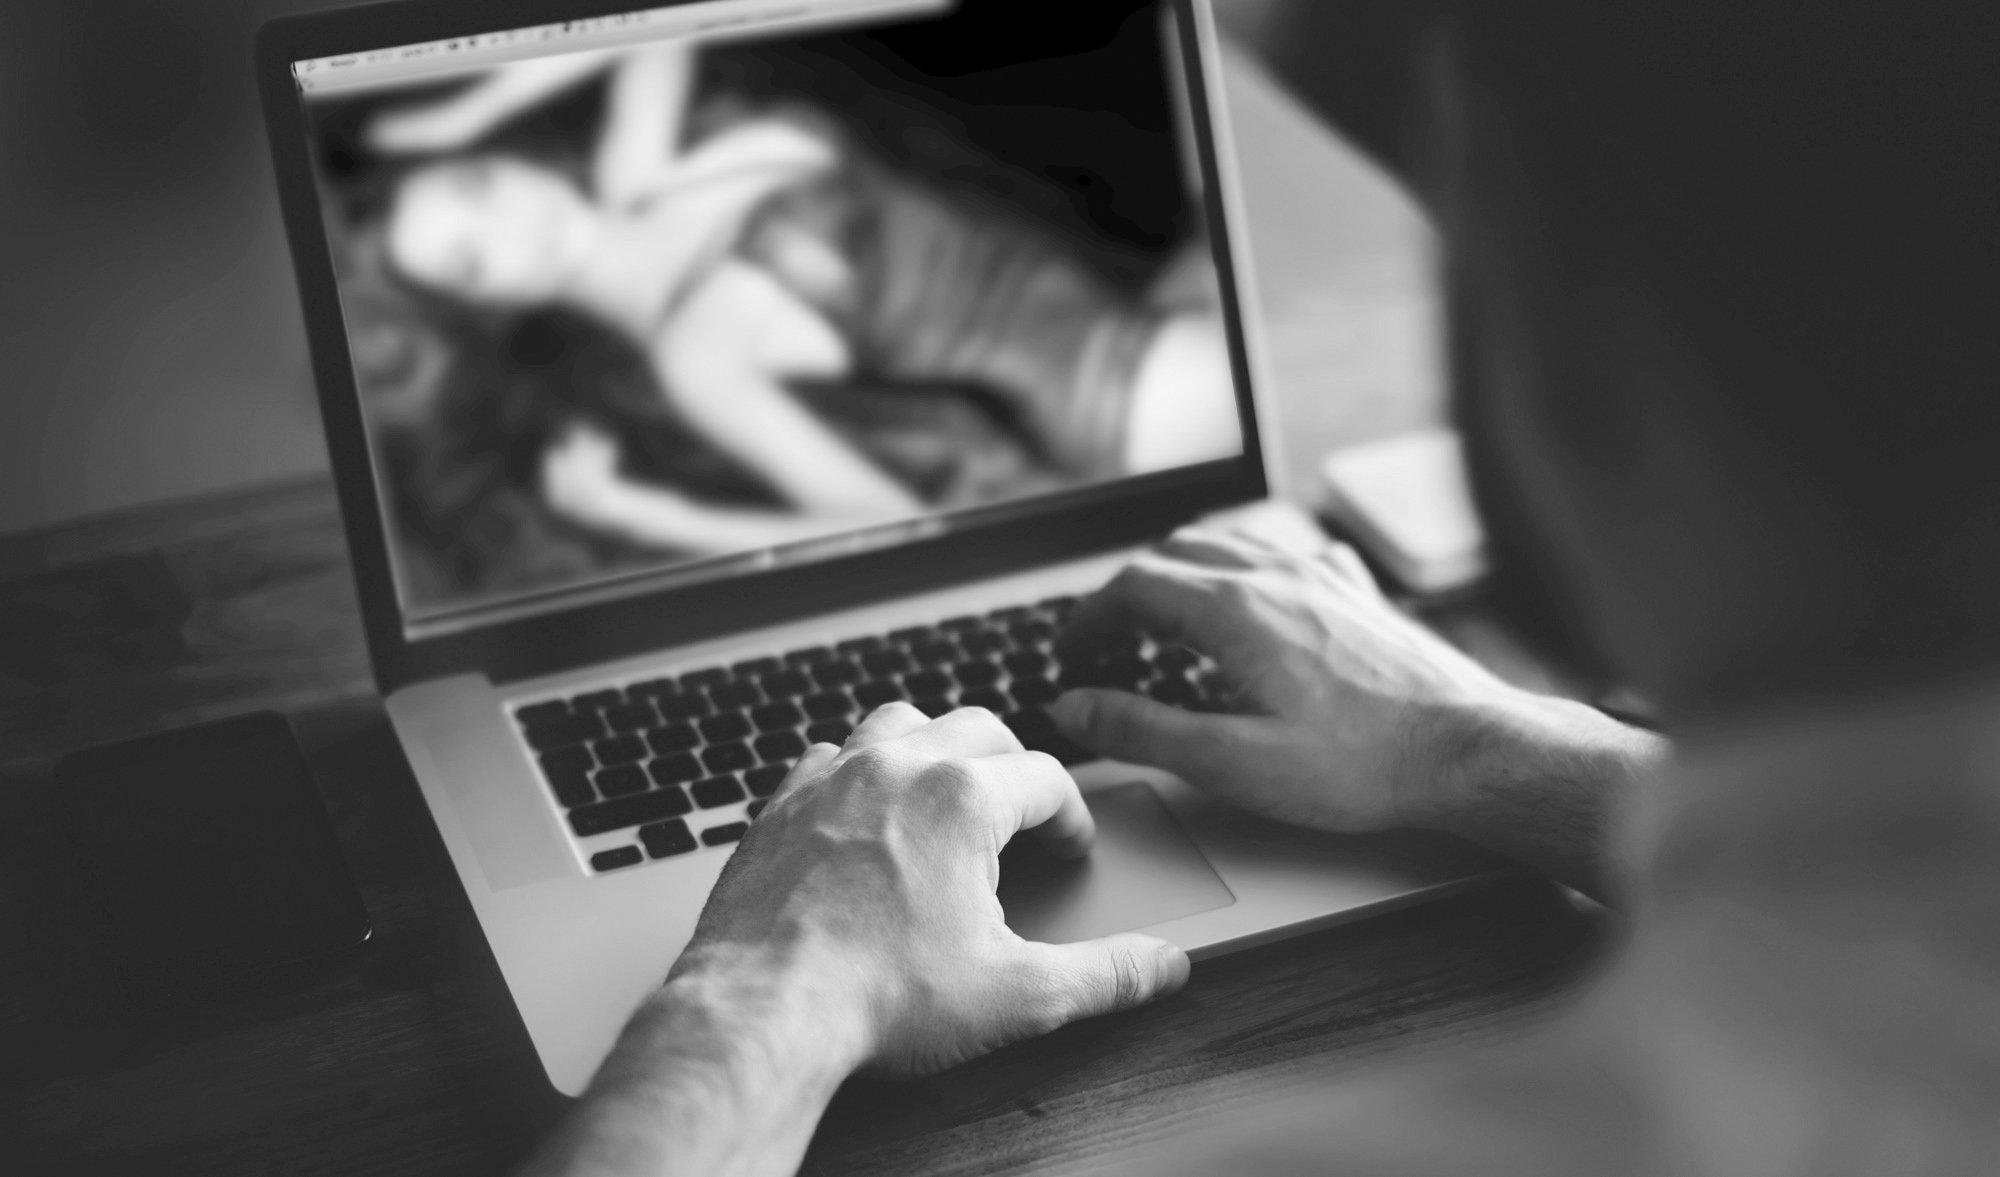 Секс по версии телефон, Порно с телефона онлайн, секс ролики с мобильного 15 фотография